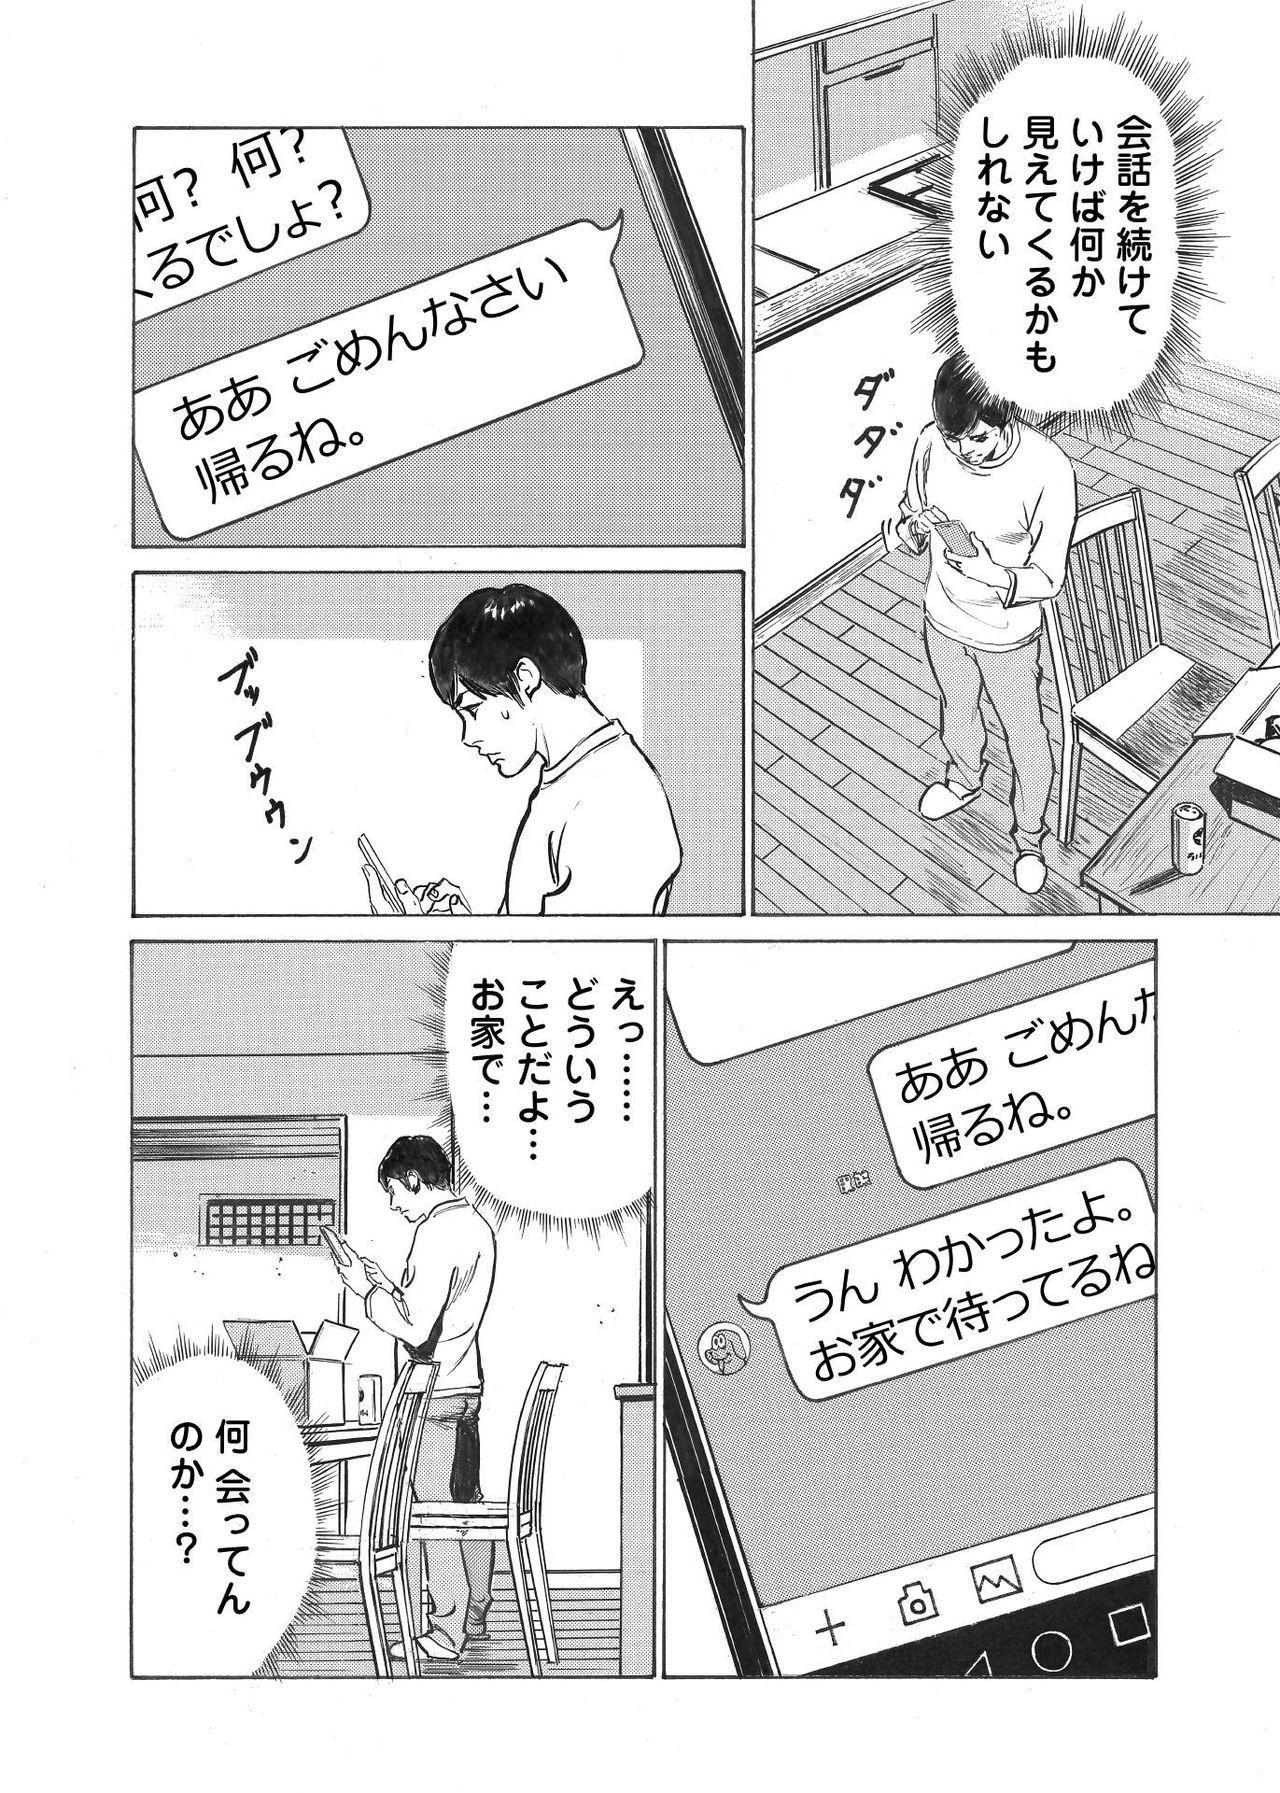 Ore wa Tsuma no Koto o Yoku Shiranai 1-9 30